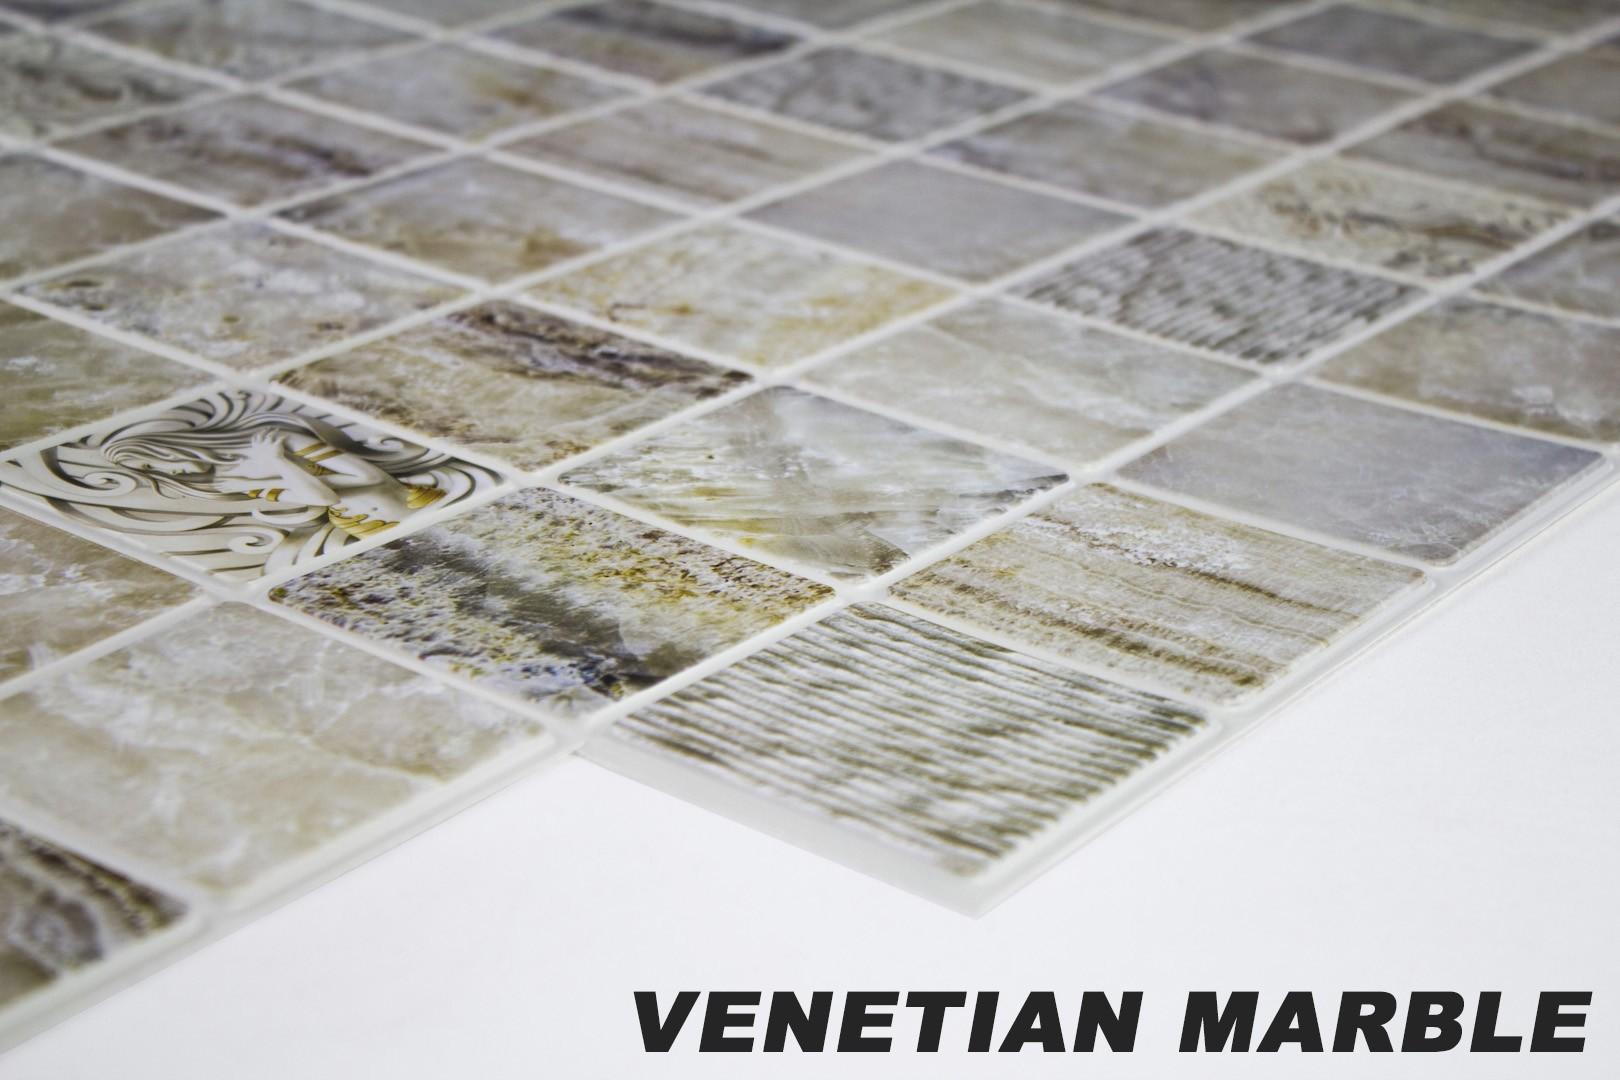 Venetian marble originalbild 1